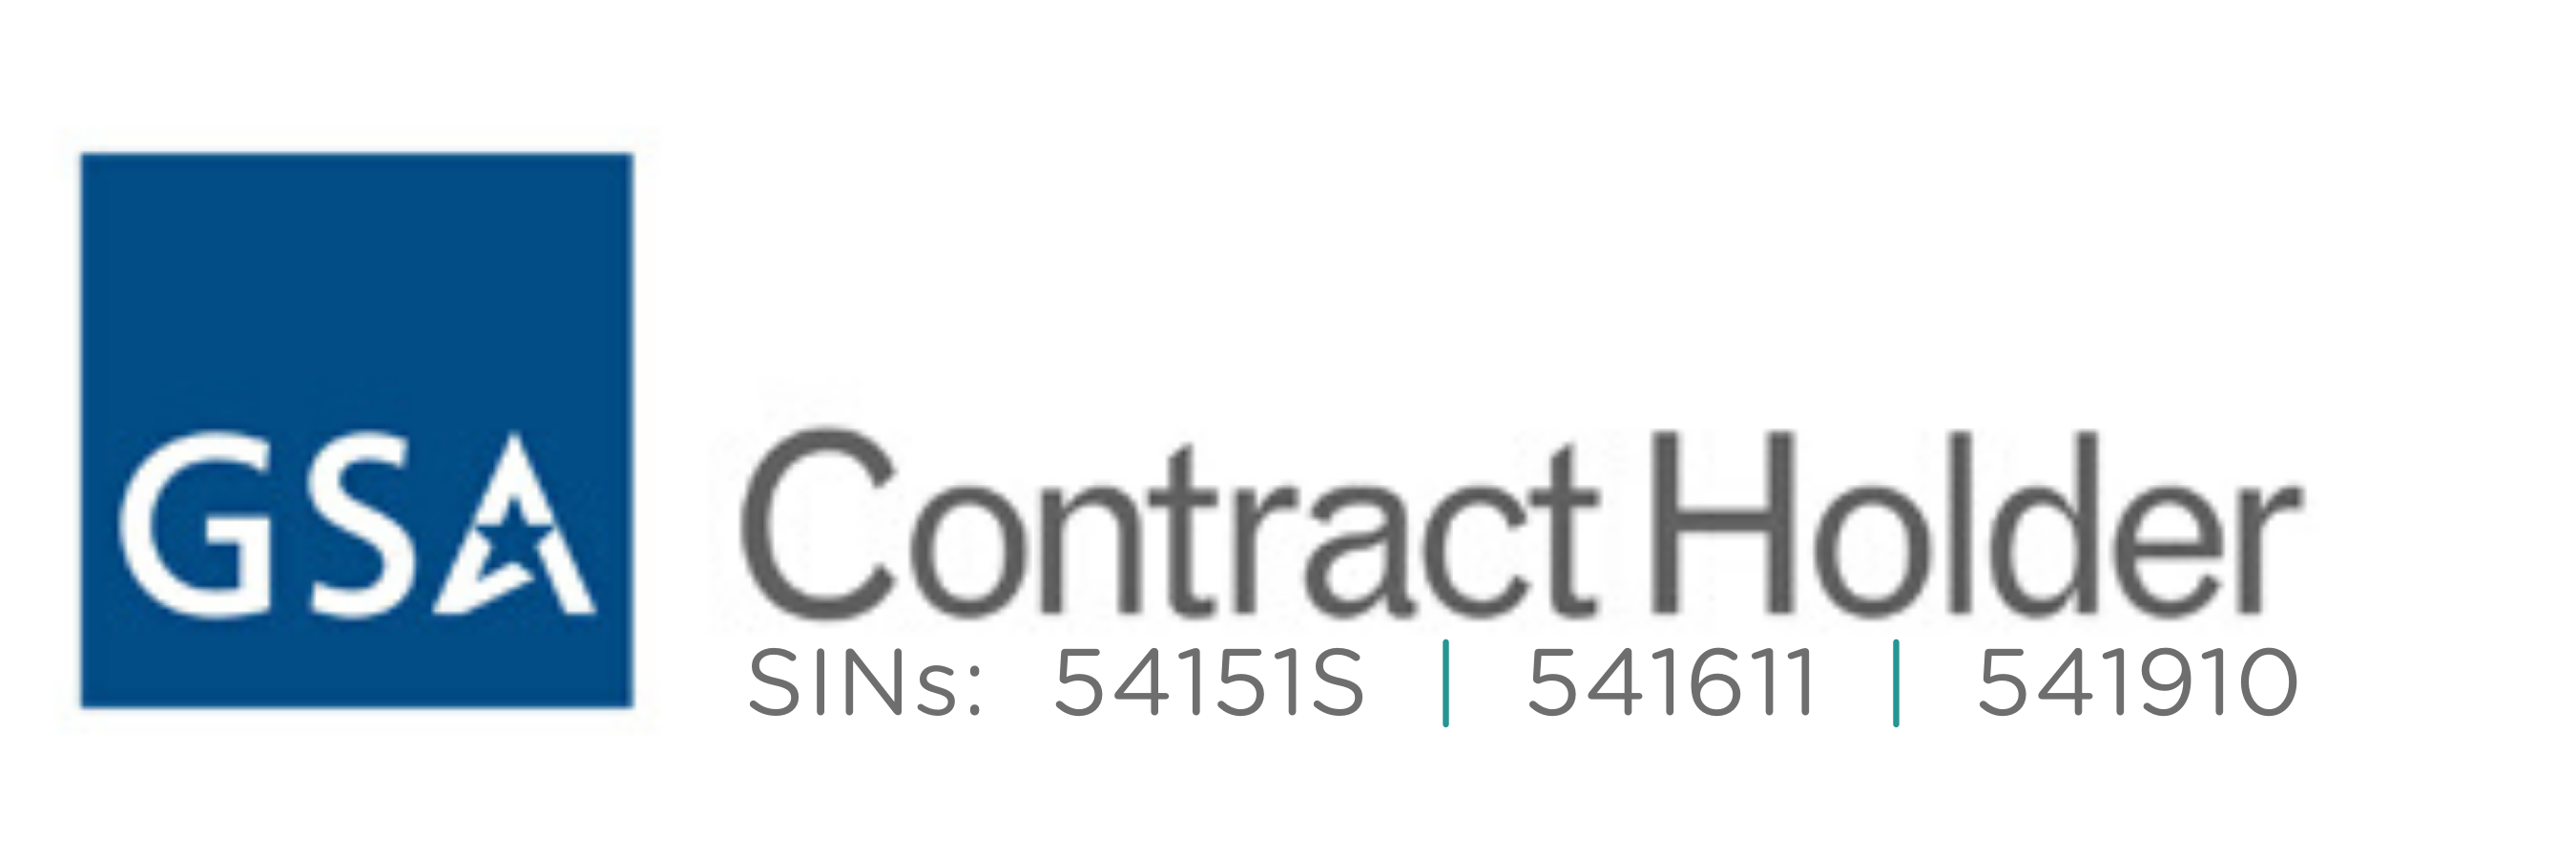 GSA Schedule Contract Holder SINs